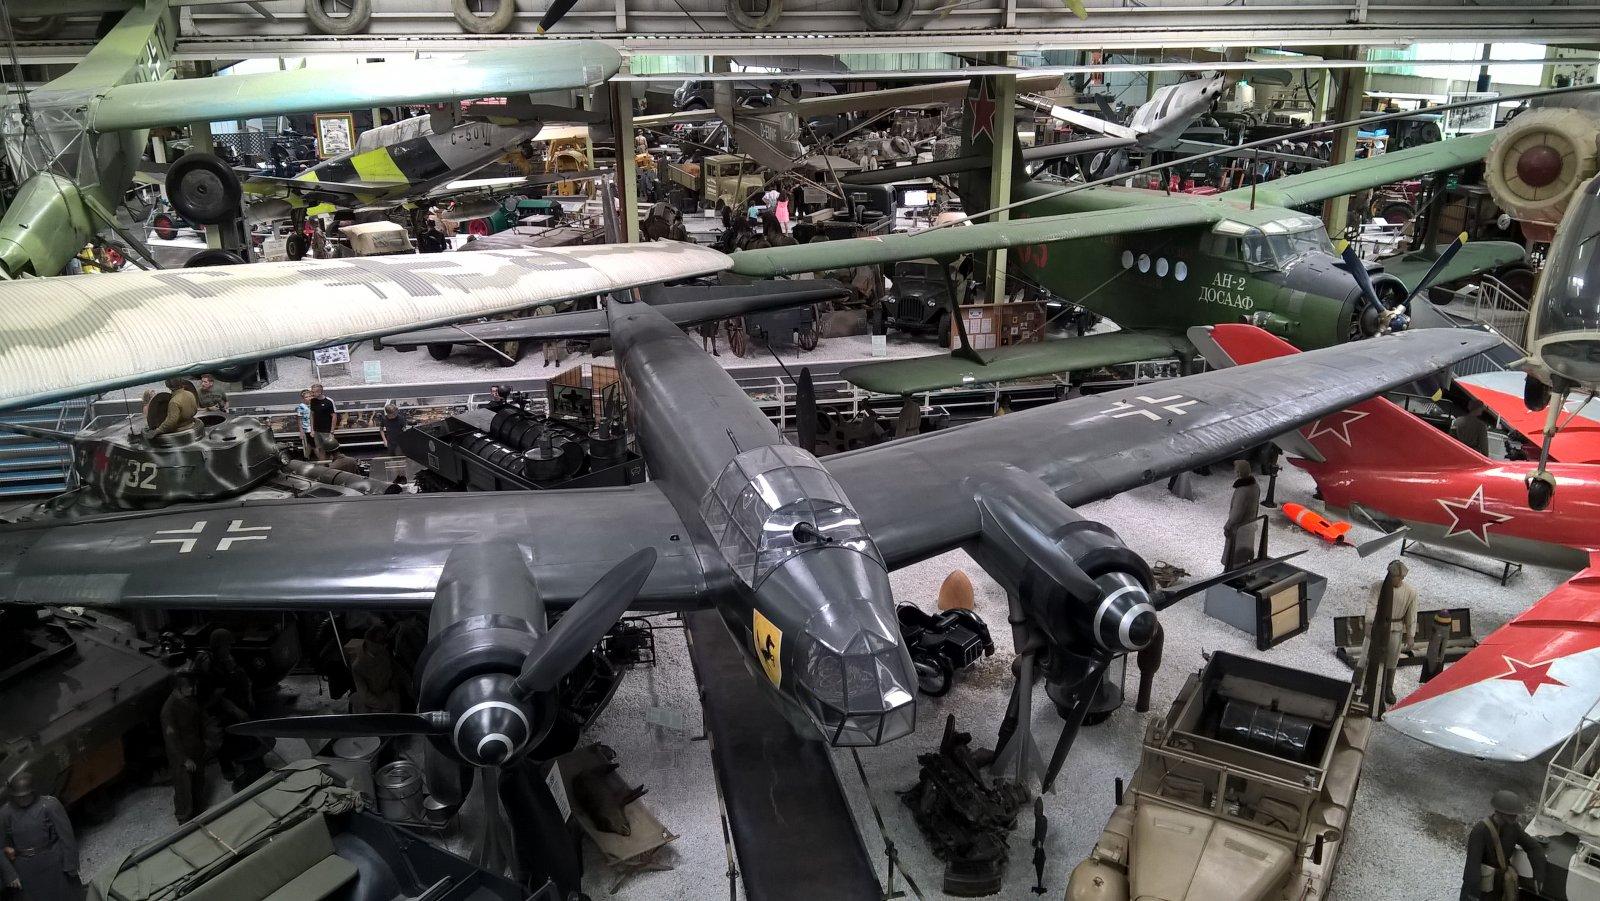 Technik Museum Sinsheim 2019